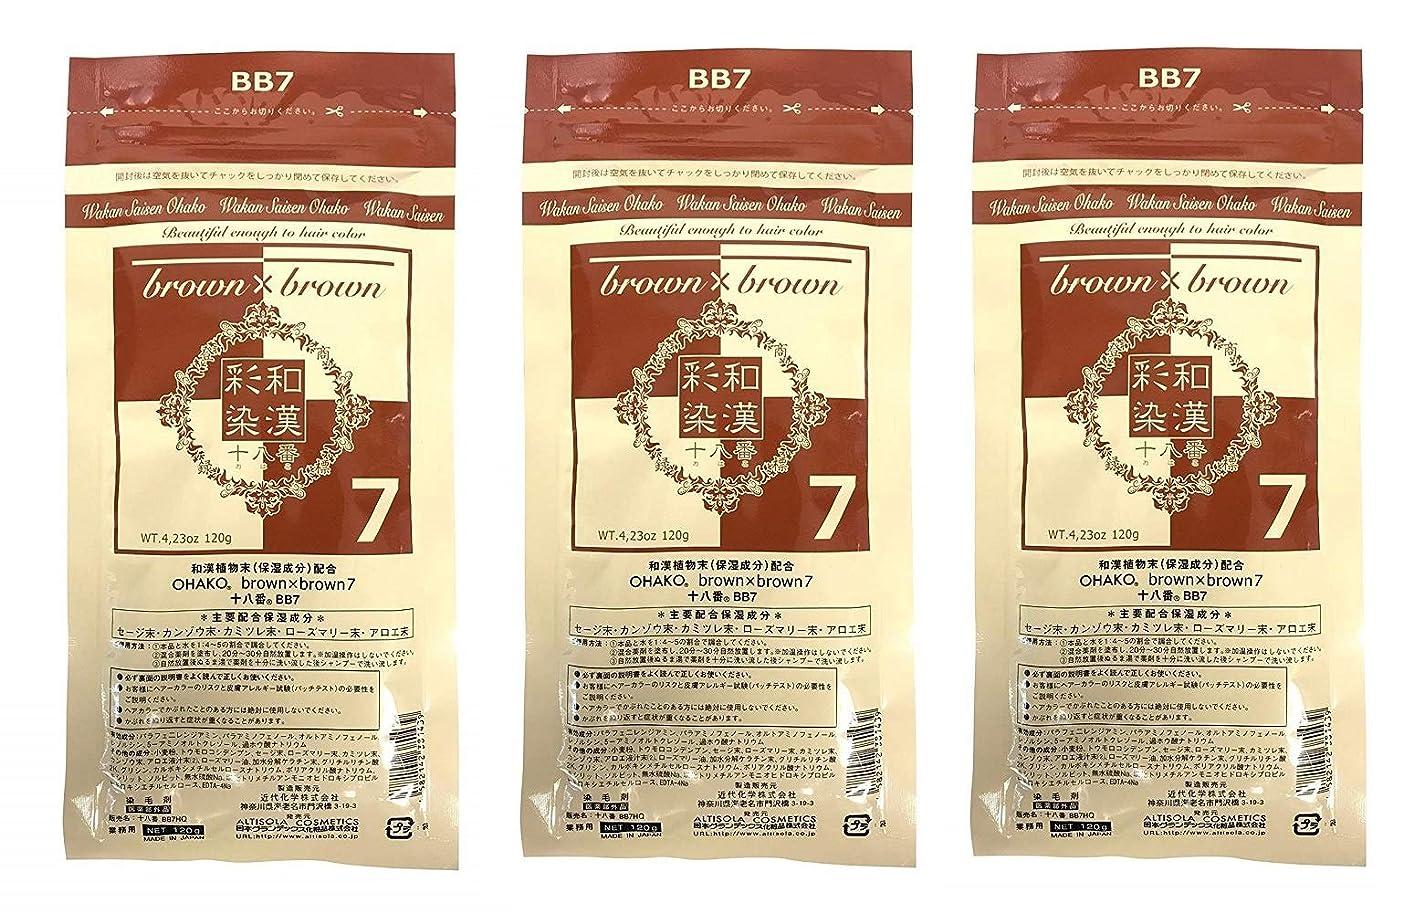 騒ぎソーセージエトナ山【3個セット】グランデックス 和漢彩染 十八番 120g BB7